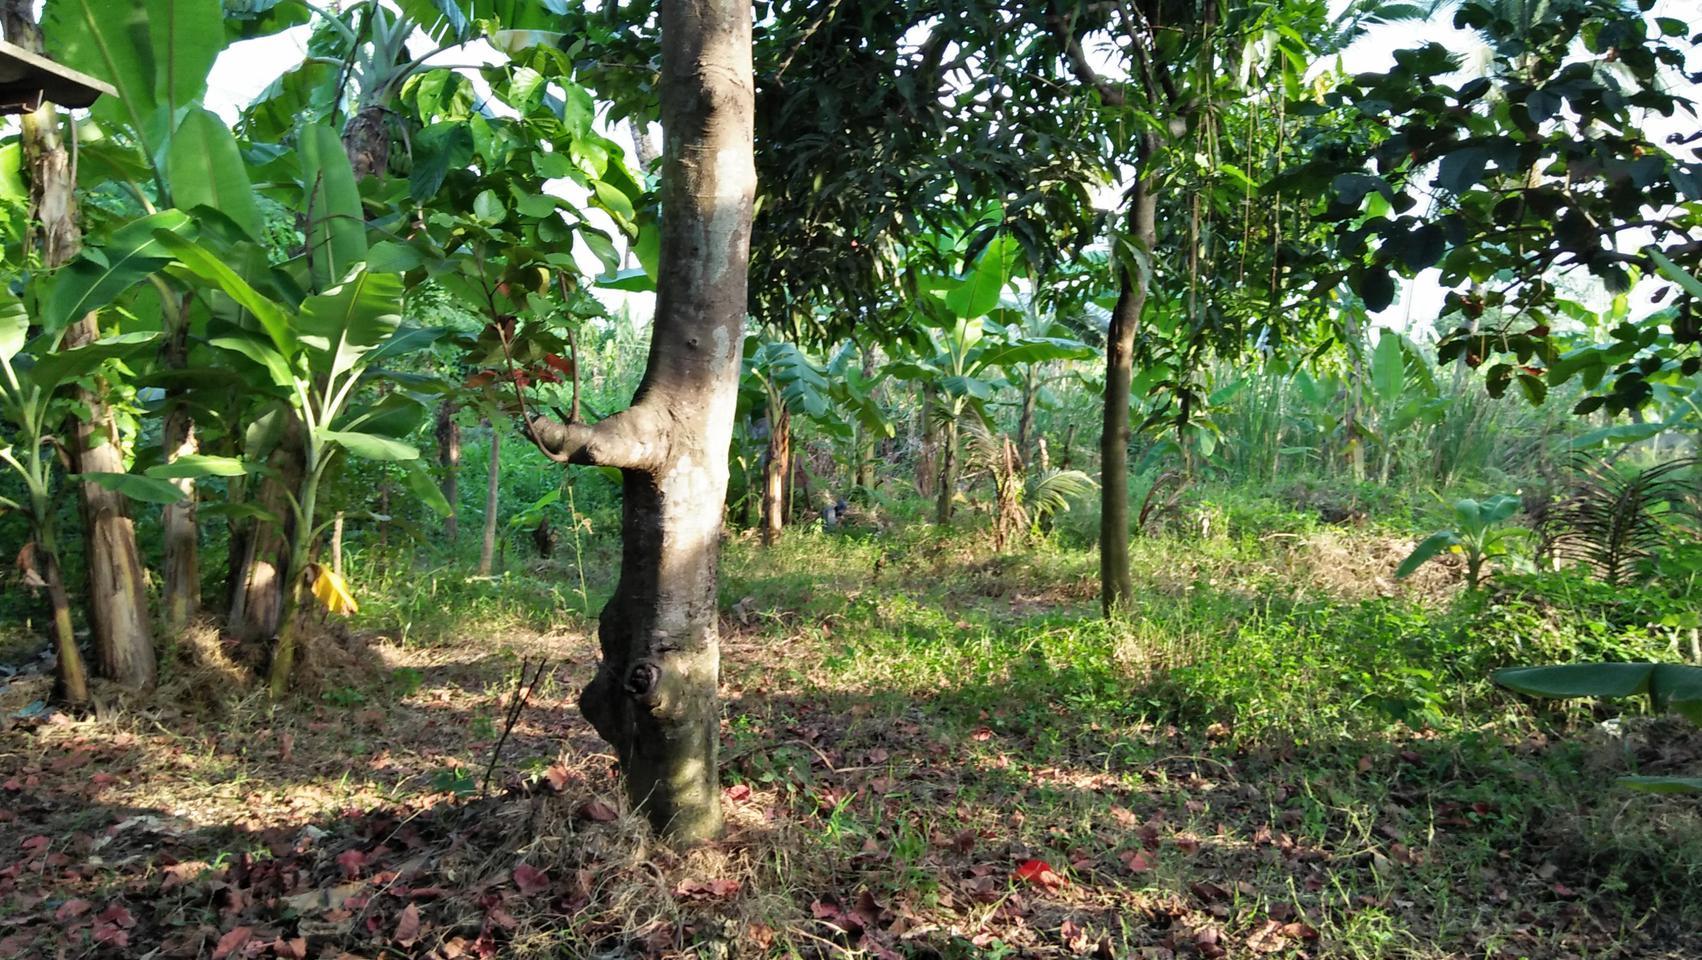 ขายสวนไร่พร้อมบ้านไม้เก่าติดลำคลอง ร่มรื่น ใกล้ถนนพุทธมณฑลสา รูปที่ 5